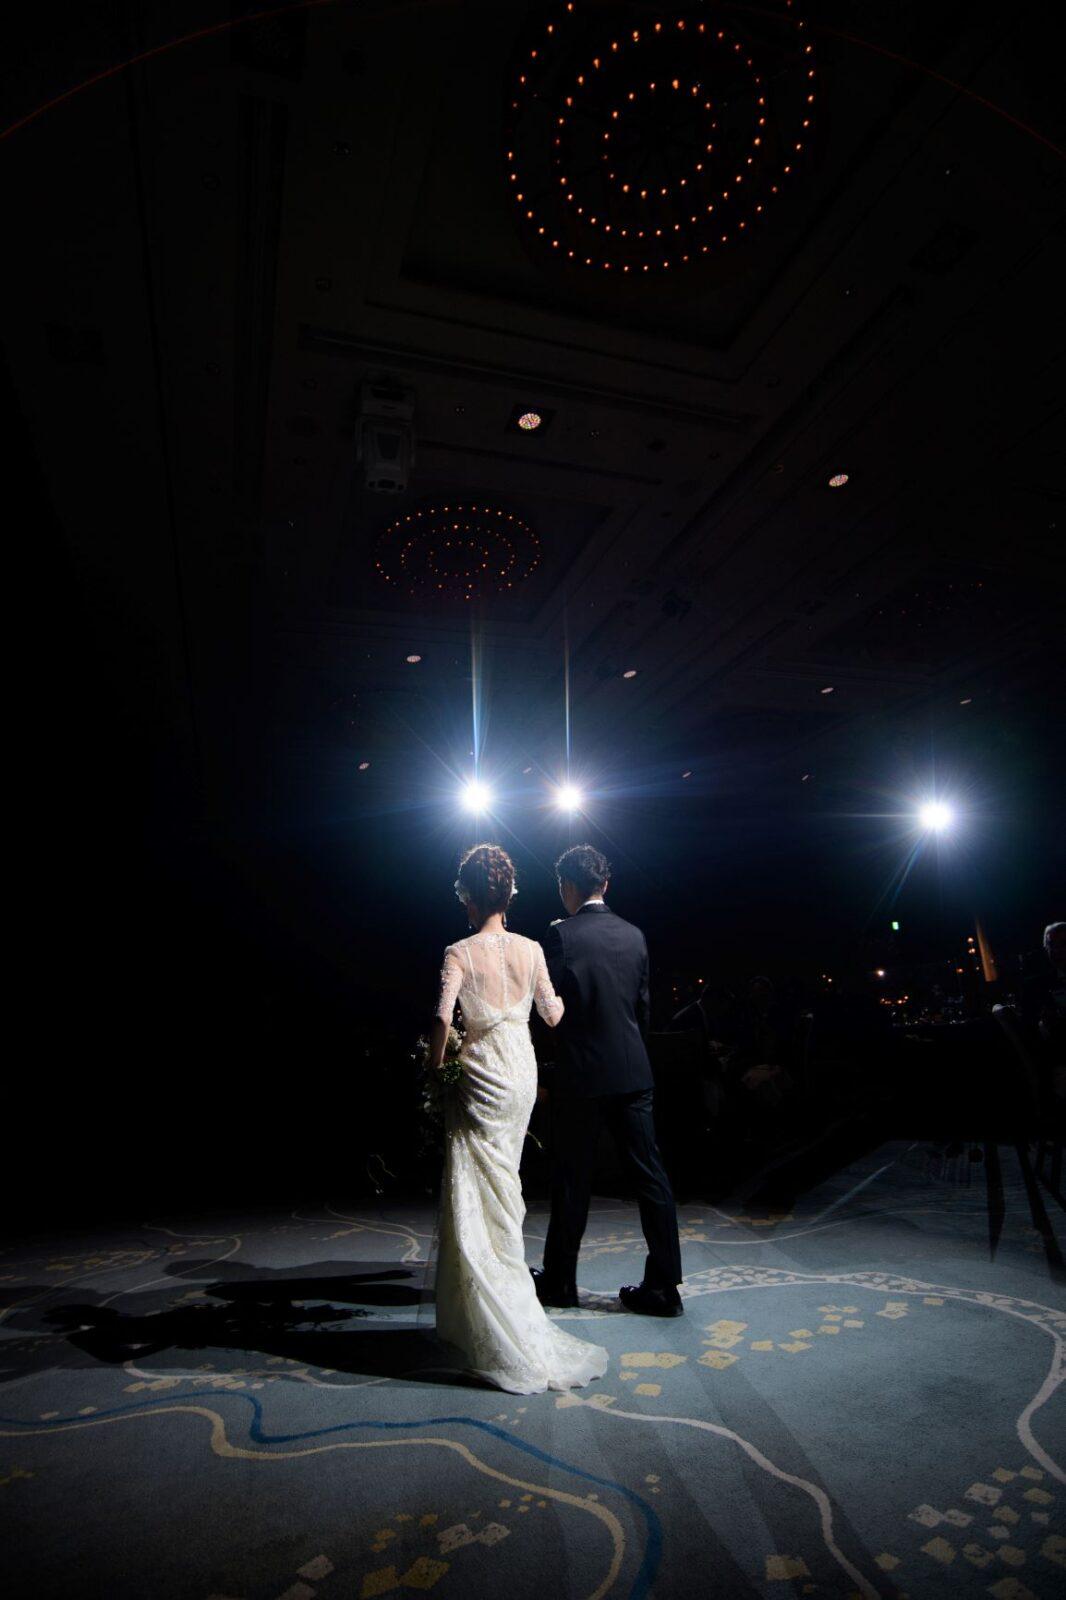 パレスホテル東京・葵西でのお色直しでジェニーパッカムのスレンダーラインのウェディングドレスとブラックフォーマルのタキシードを身に纏い、ご入場された新郎新婦様